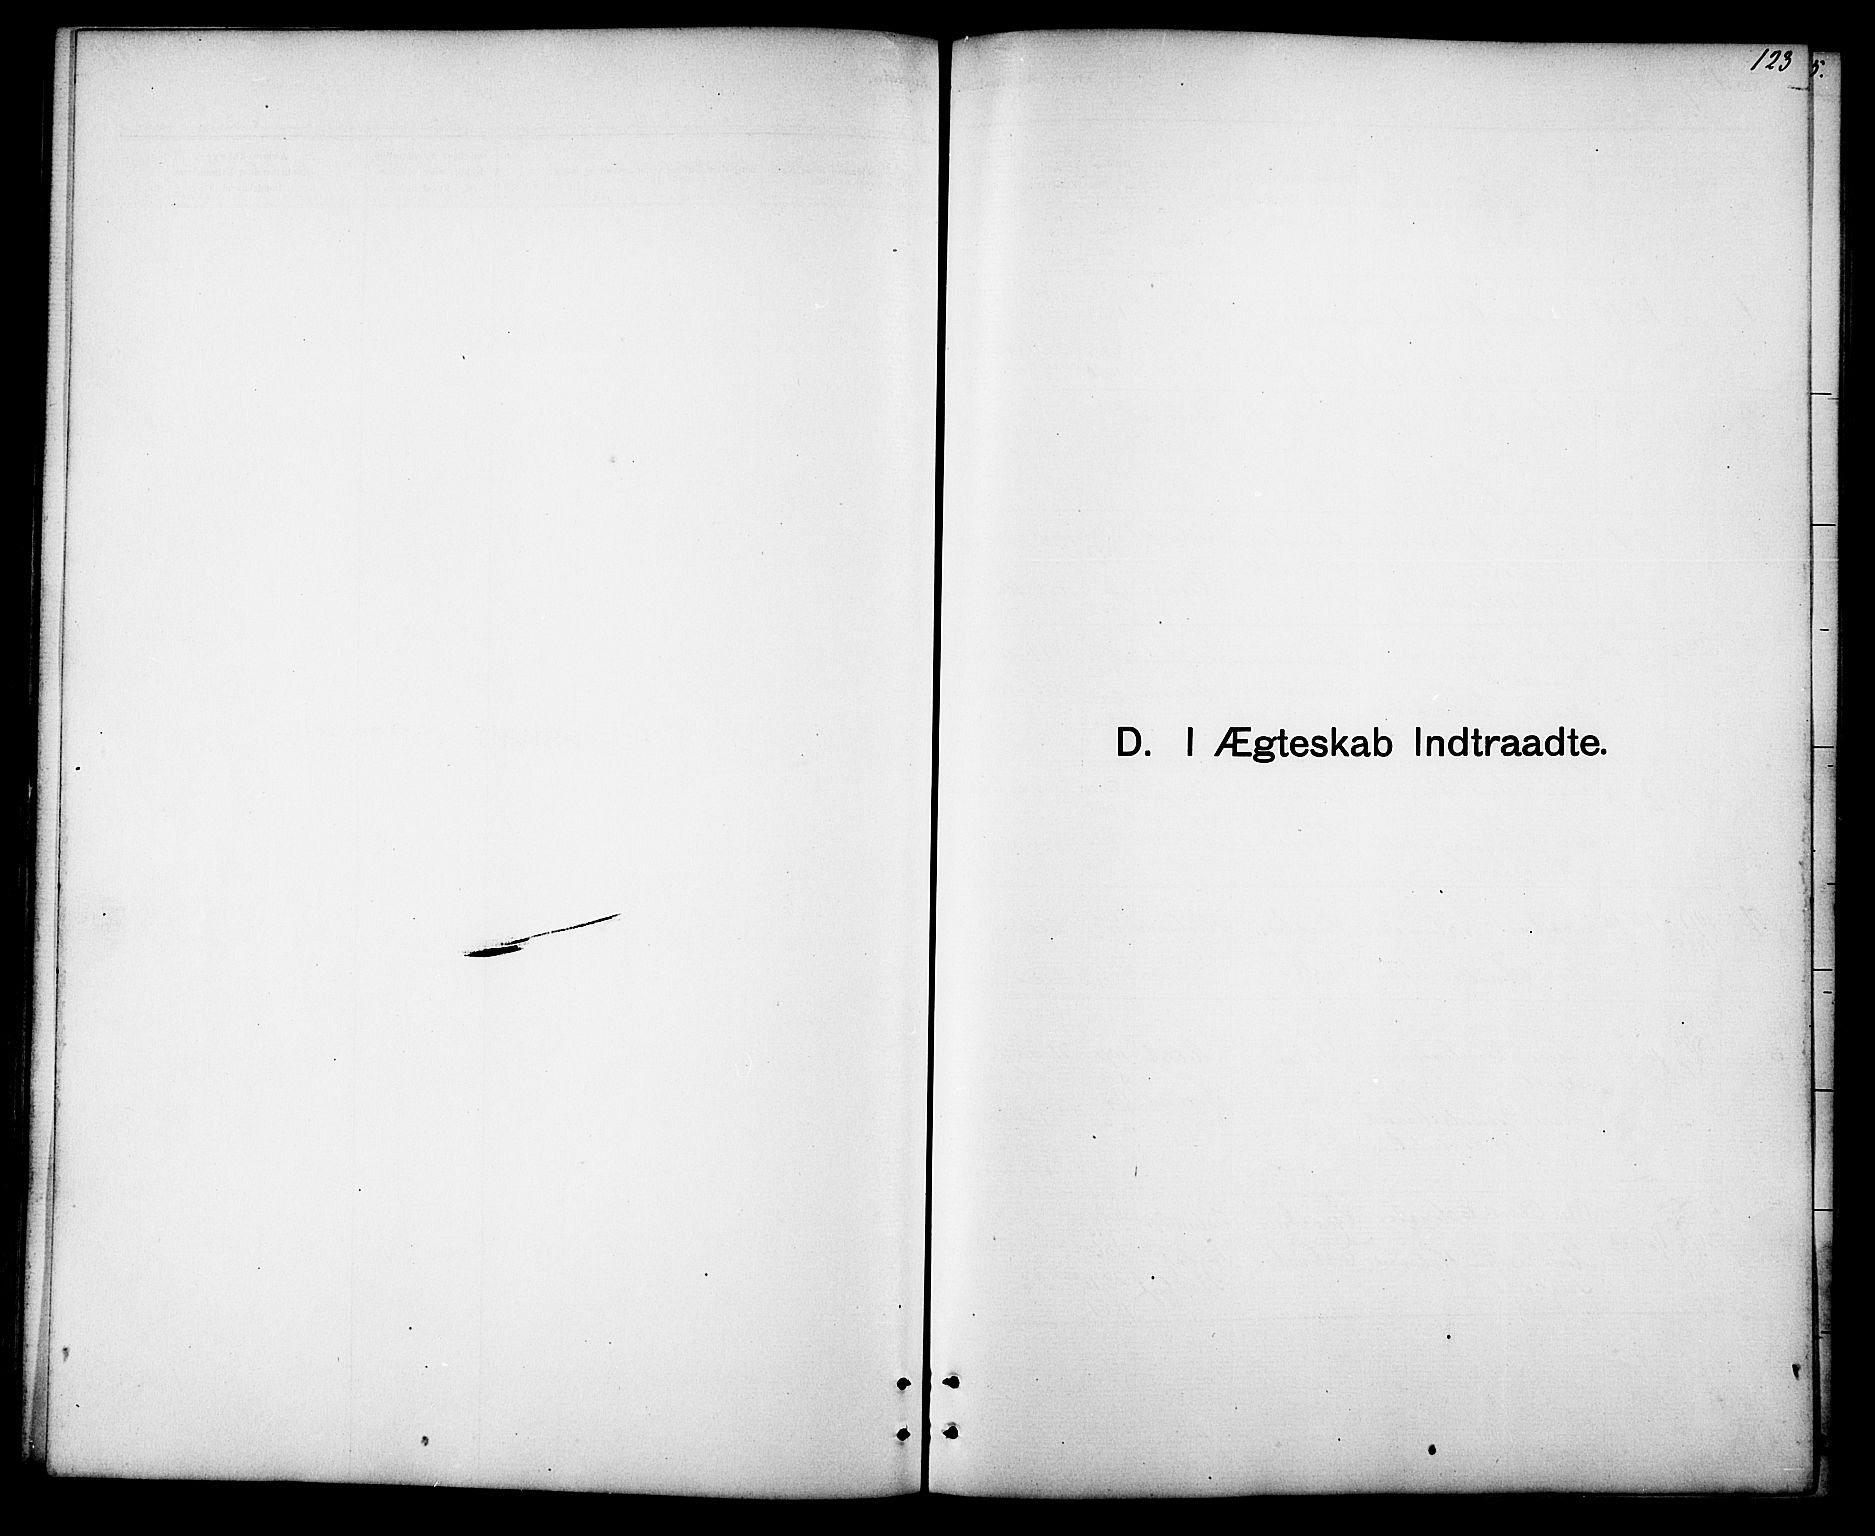 SAT, Ministerialprotokoller, klokkerbøker og fødselsregistre - Sør-Trøndelag, 694/L1132: Klokkerbok nr. 694C04, 1887-1914, s. 123